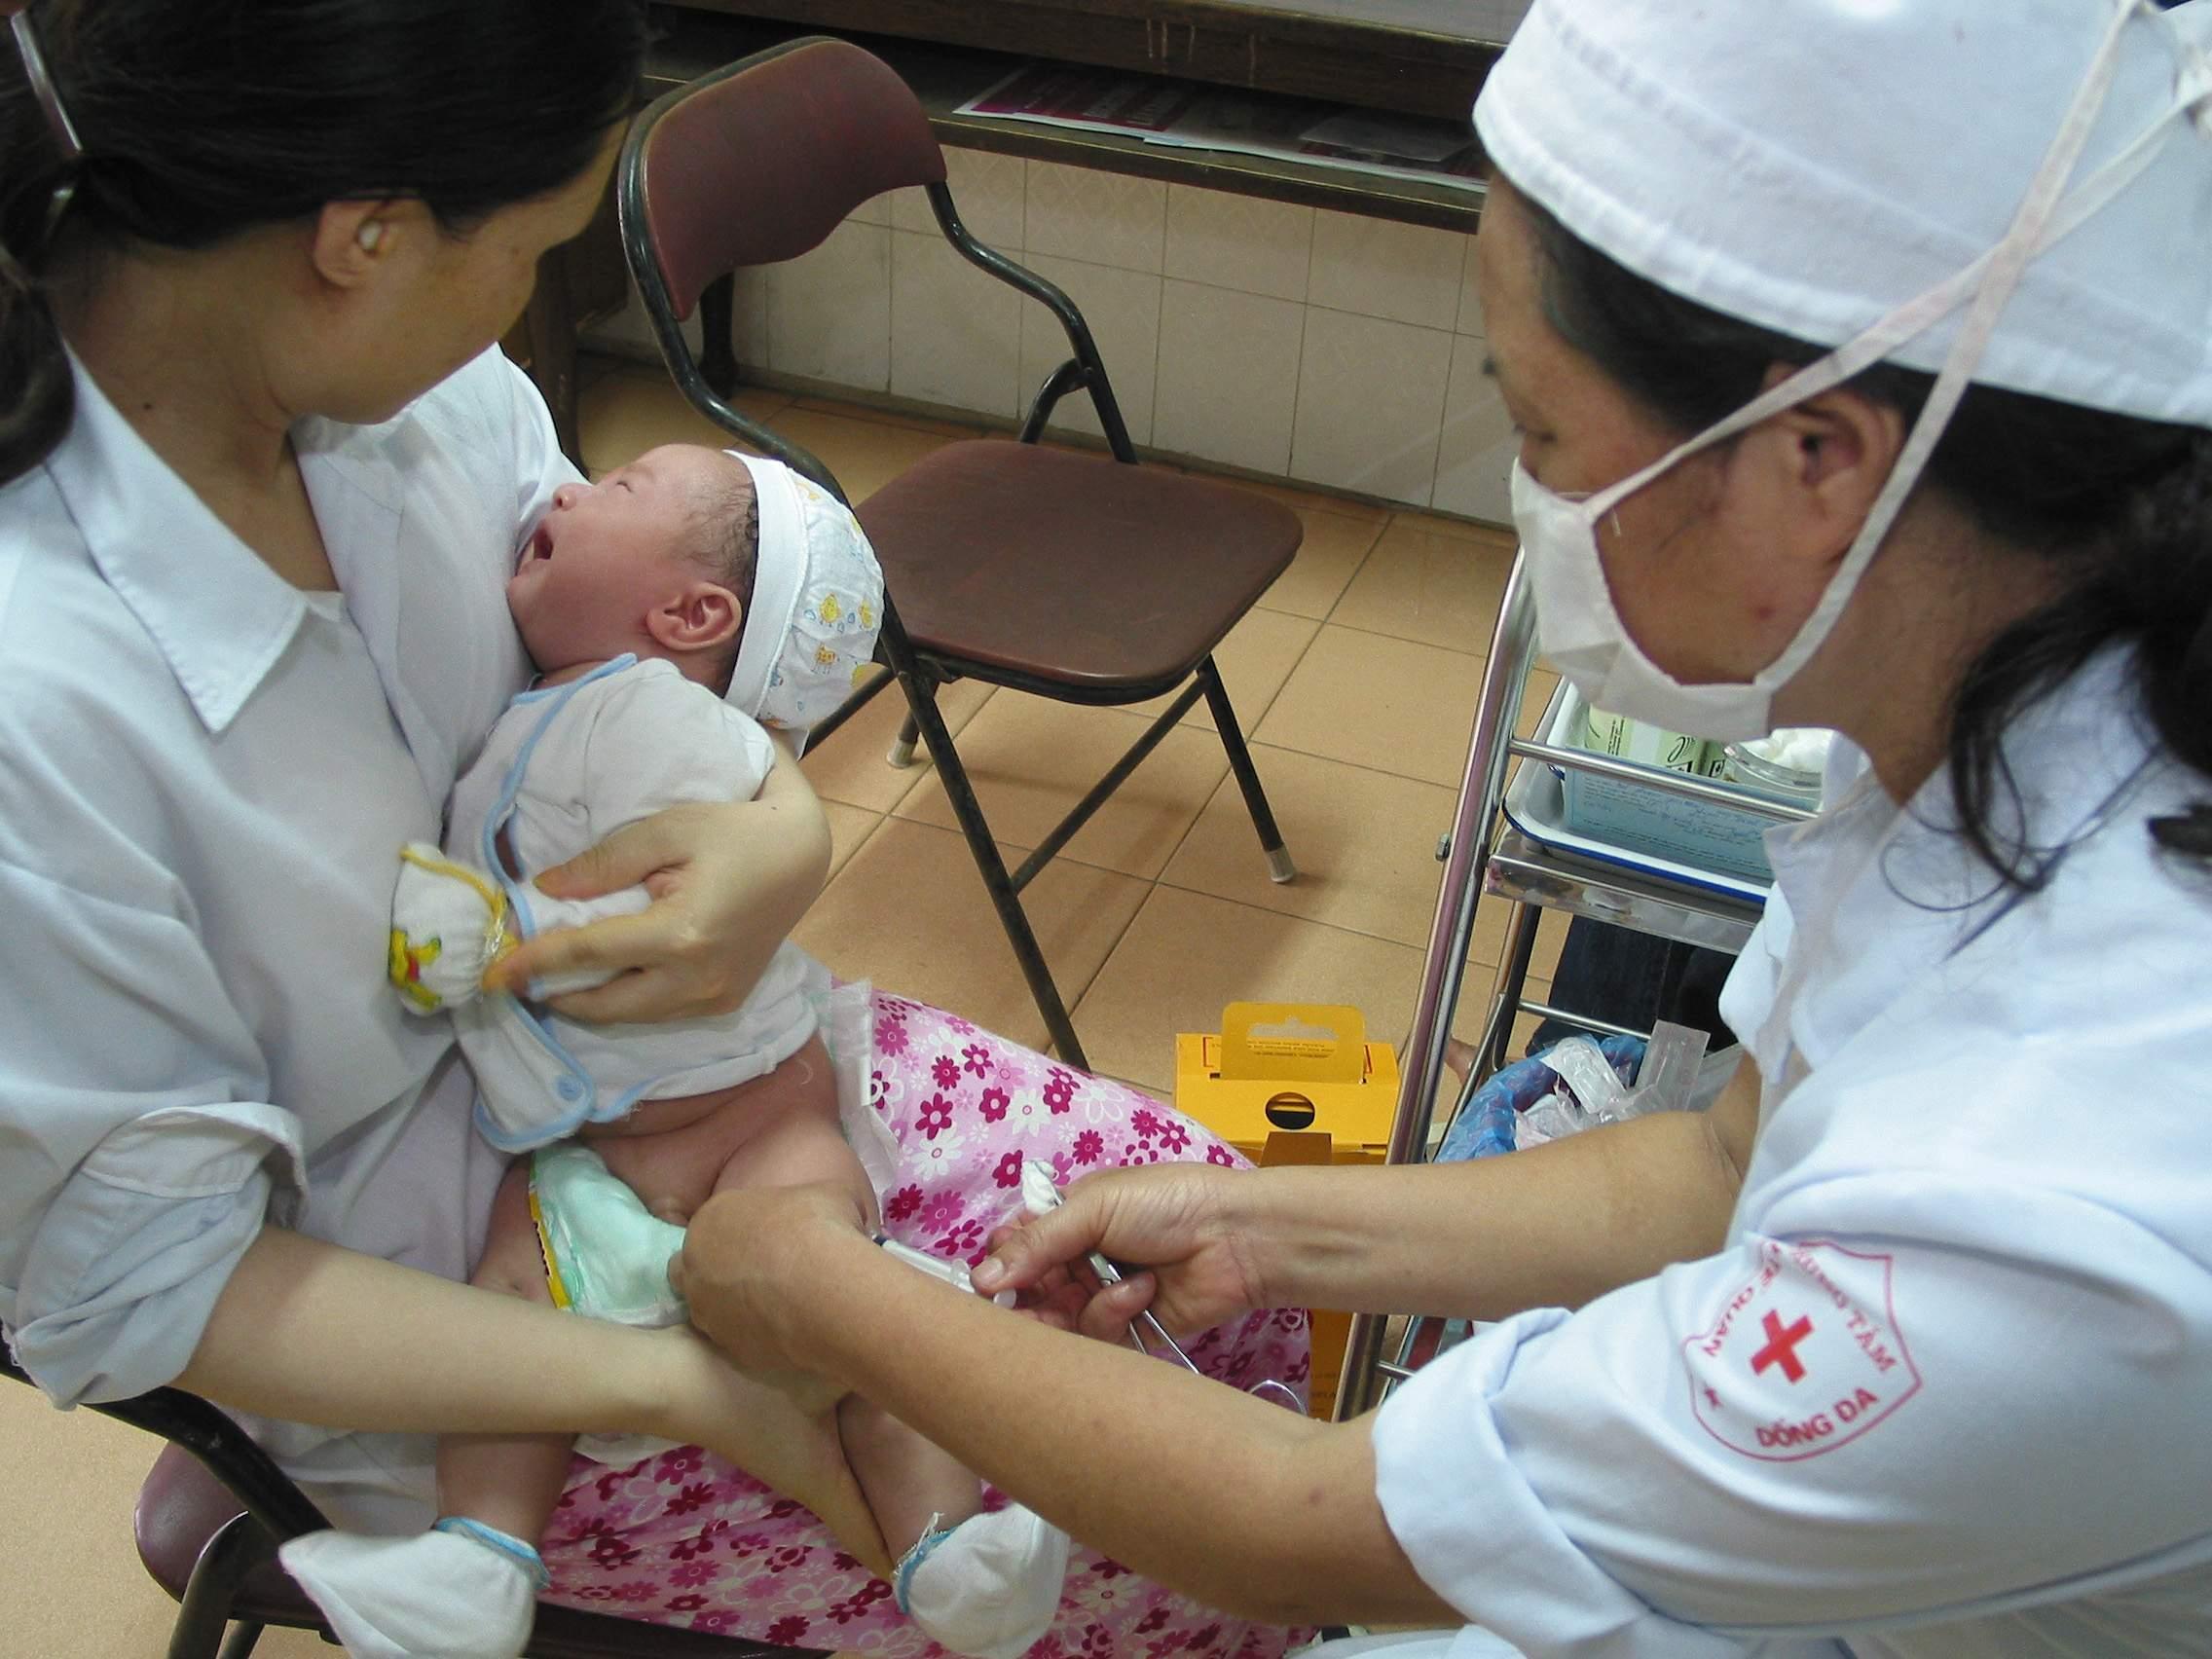 viêm gan b, bẩm sinh, xơ gan, ung thư gan, sữa mẹ, tỉ lệ lây nhiễm, xét nghiệm, huyết thanh,